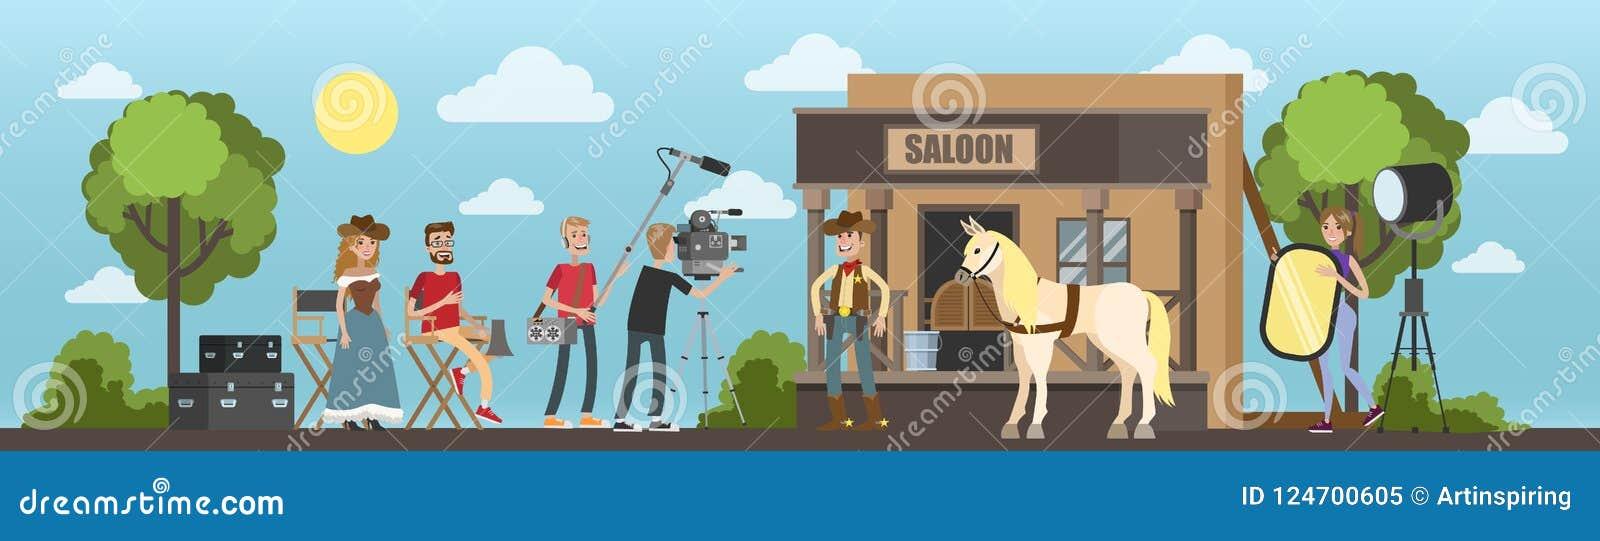 Het schieten van westelijke film met cowboy bij de zaal